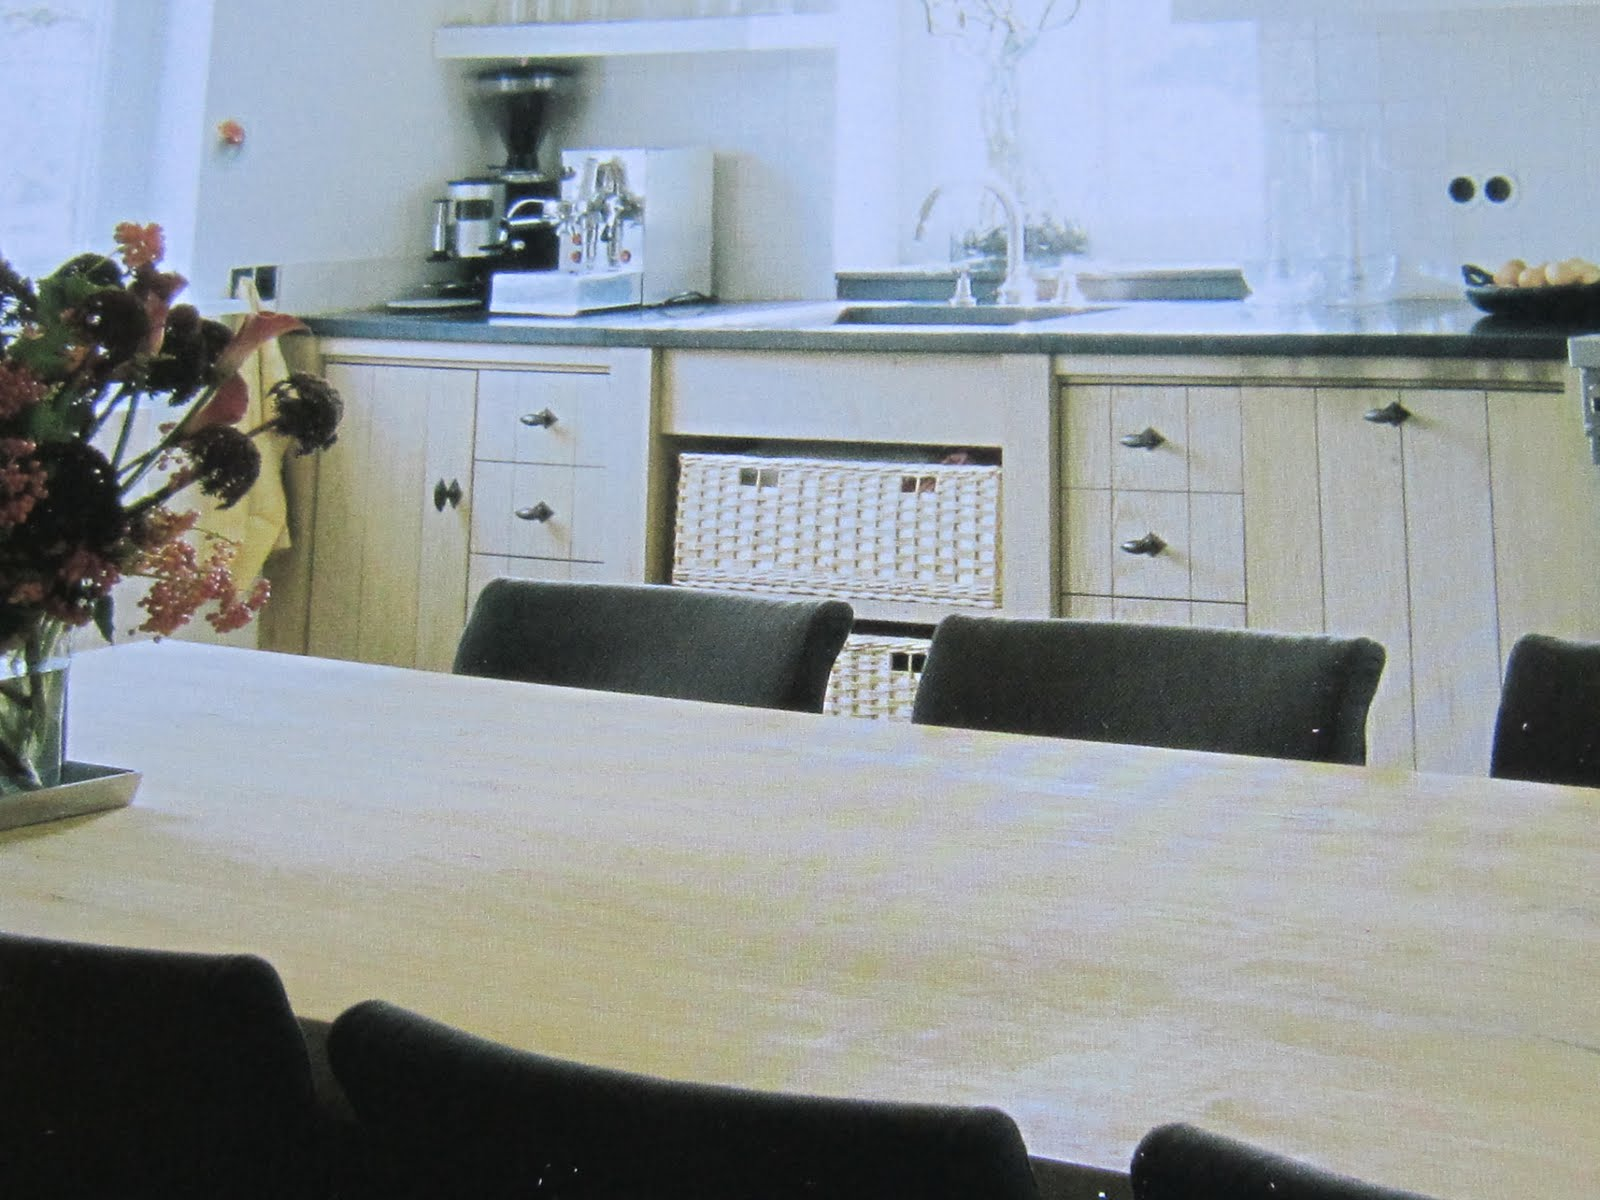 Handgrepen Keuken Zelf Maken : THORNWOODS AT HOME oktober 2010